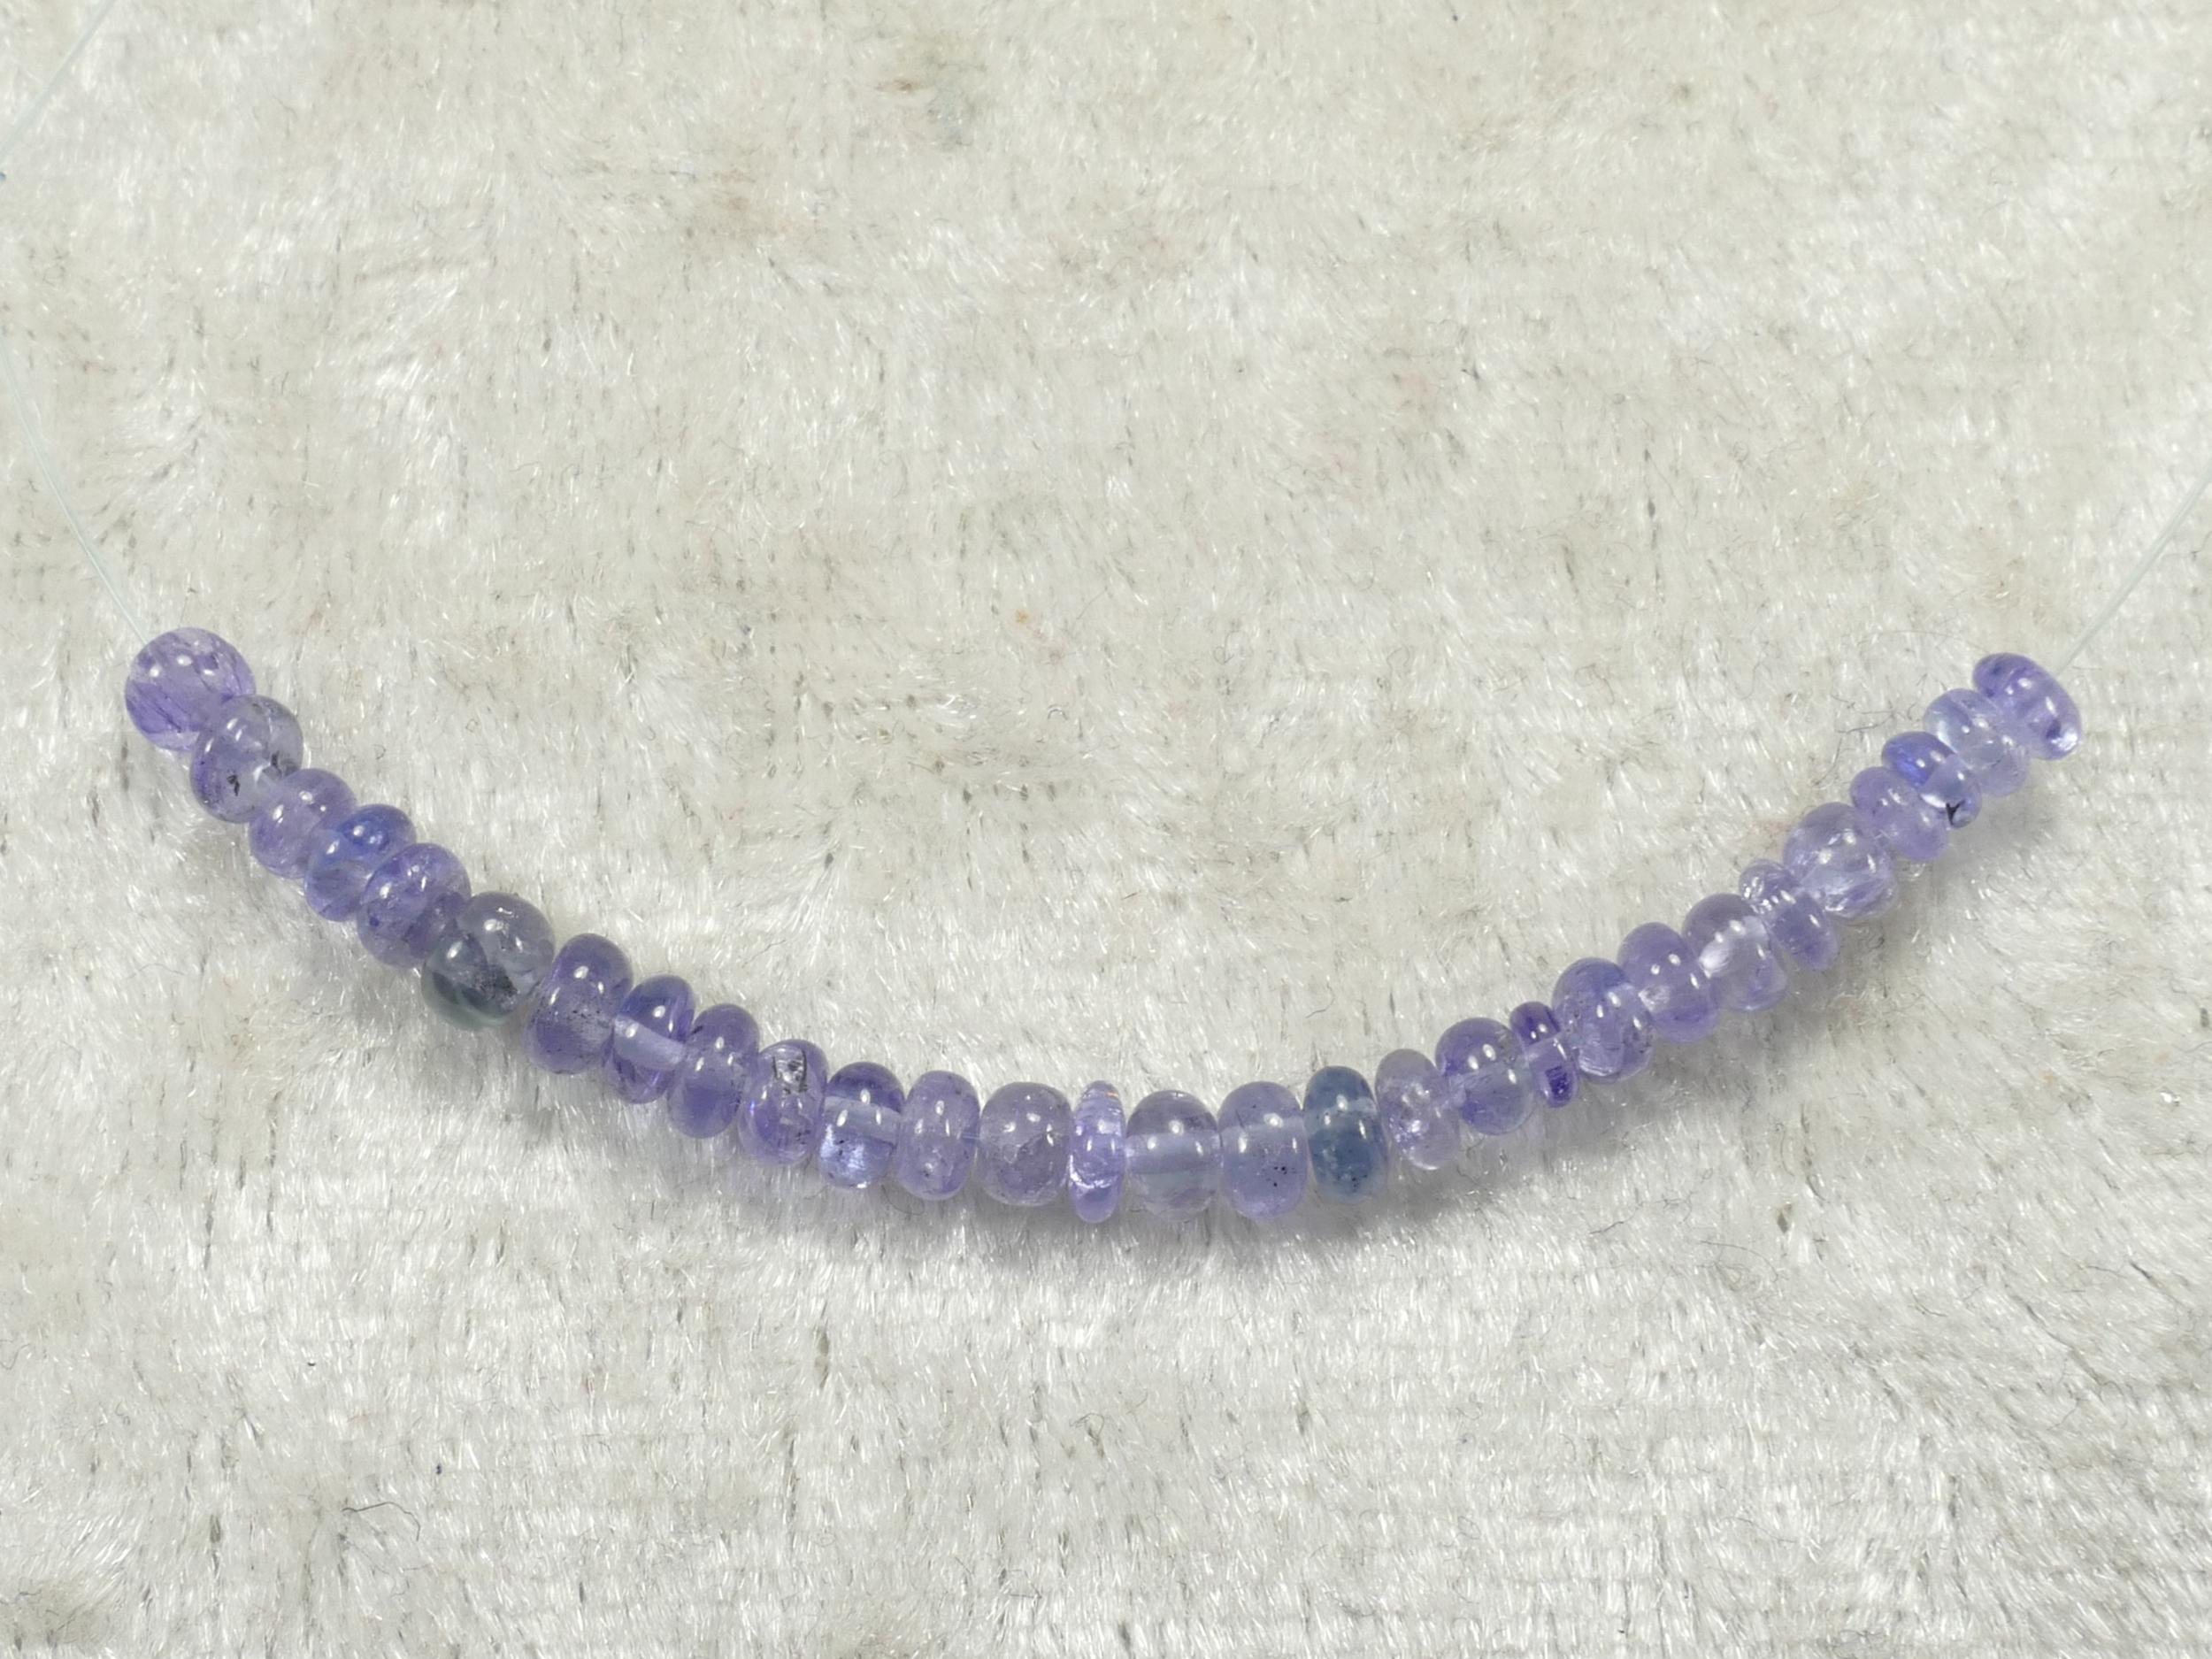 2.7/3.4mm Perles de Tanzanite naturelle en rondelle lisse de Tanzanie 5cm (#PK808)